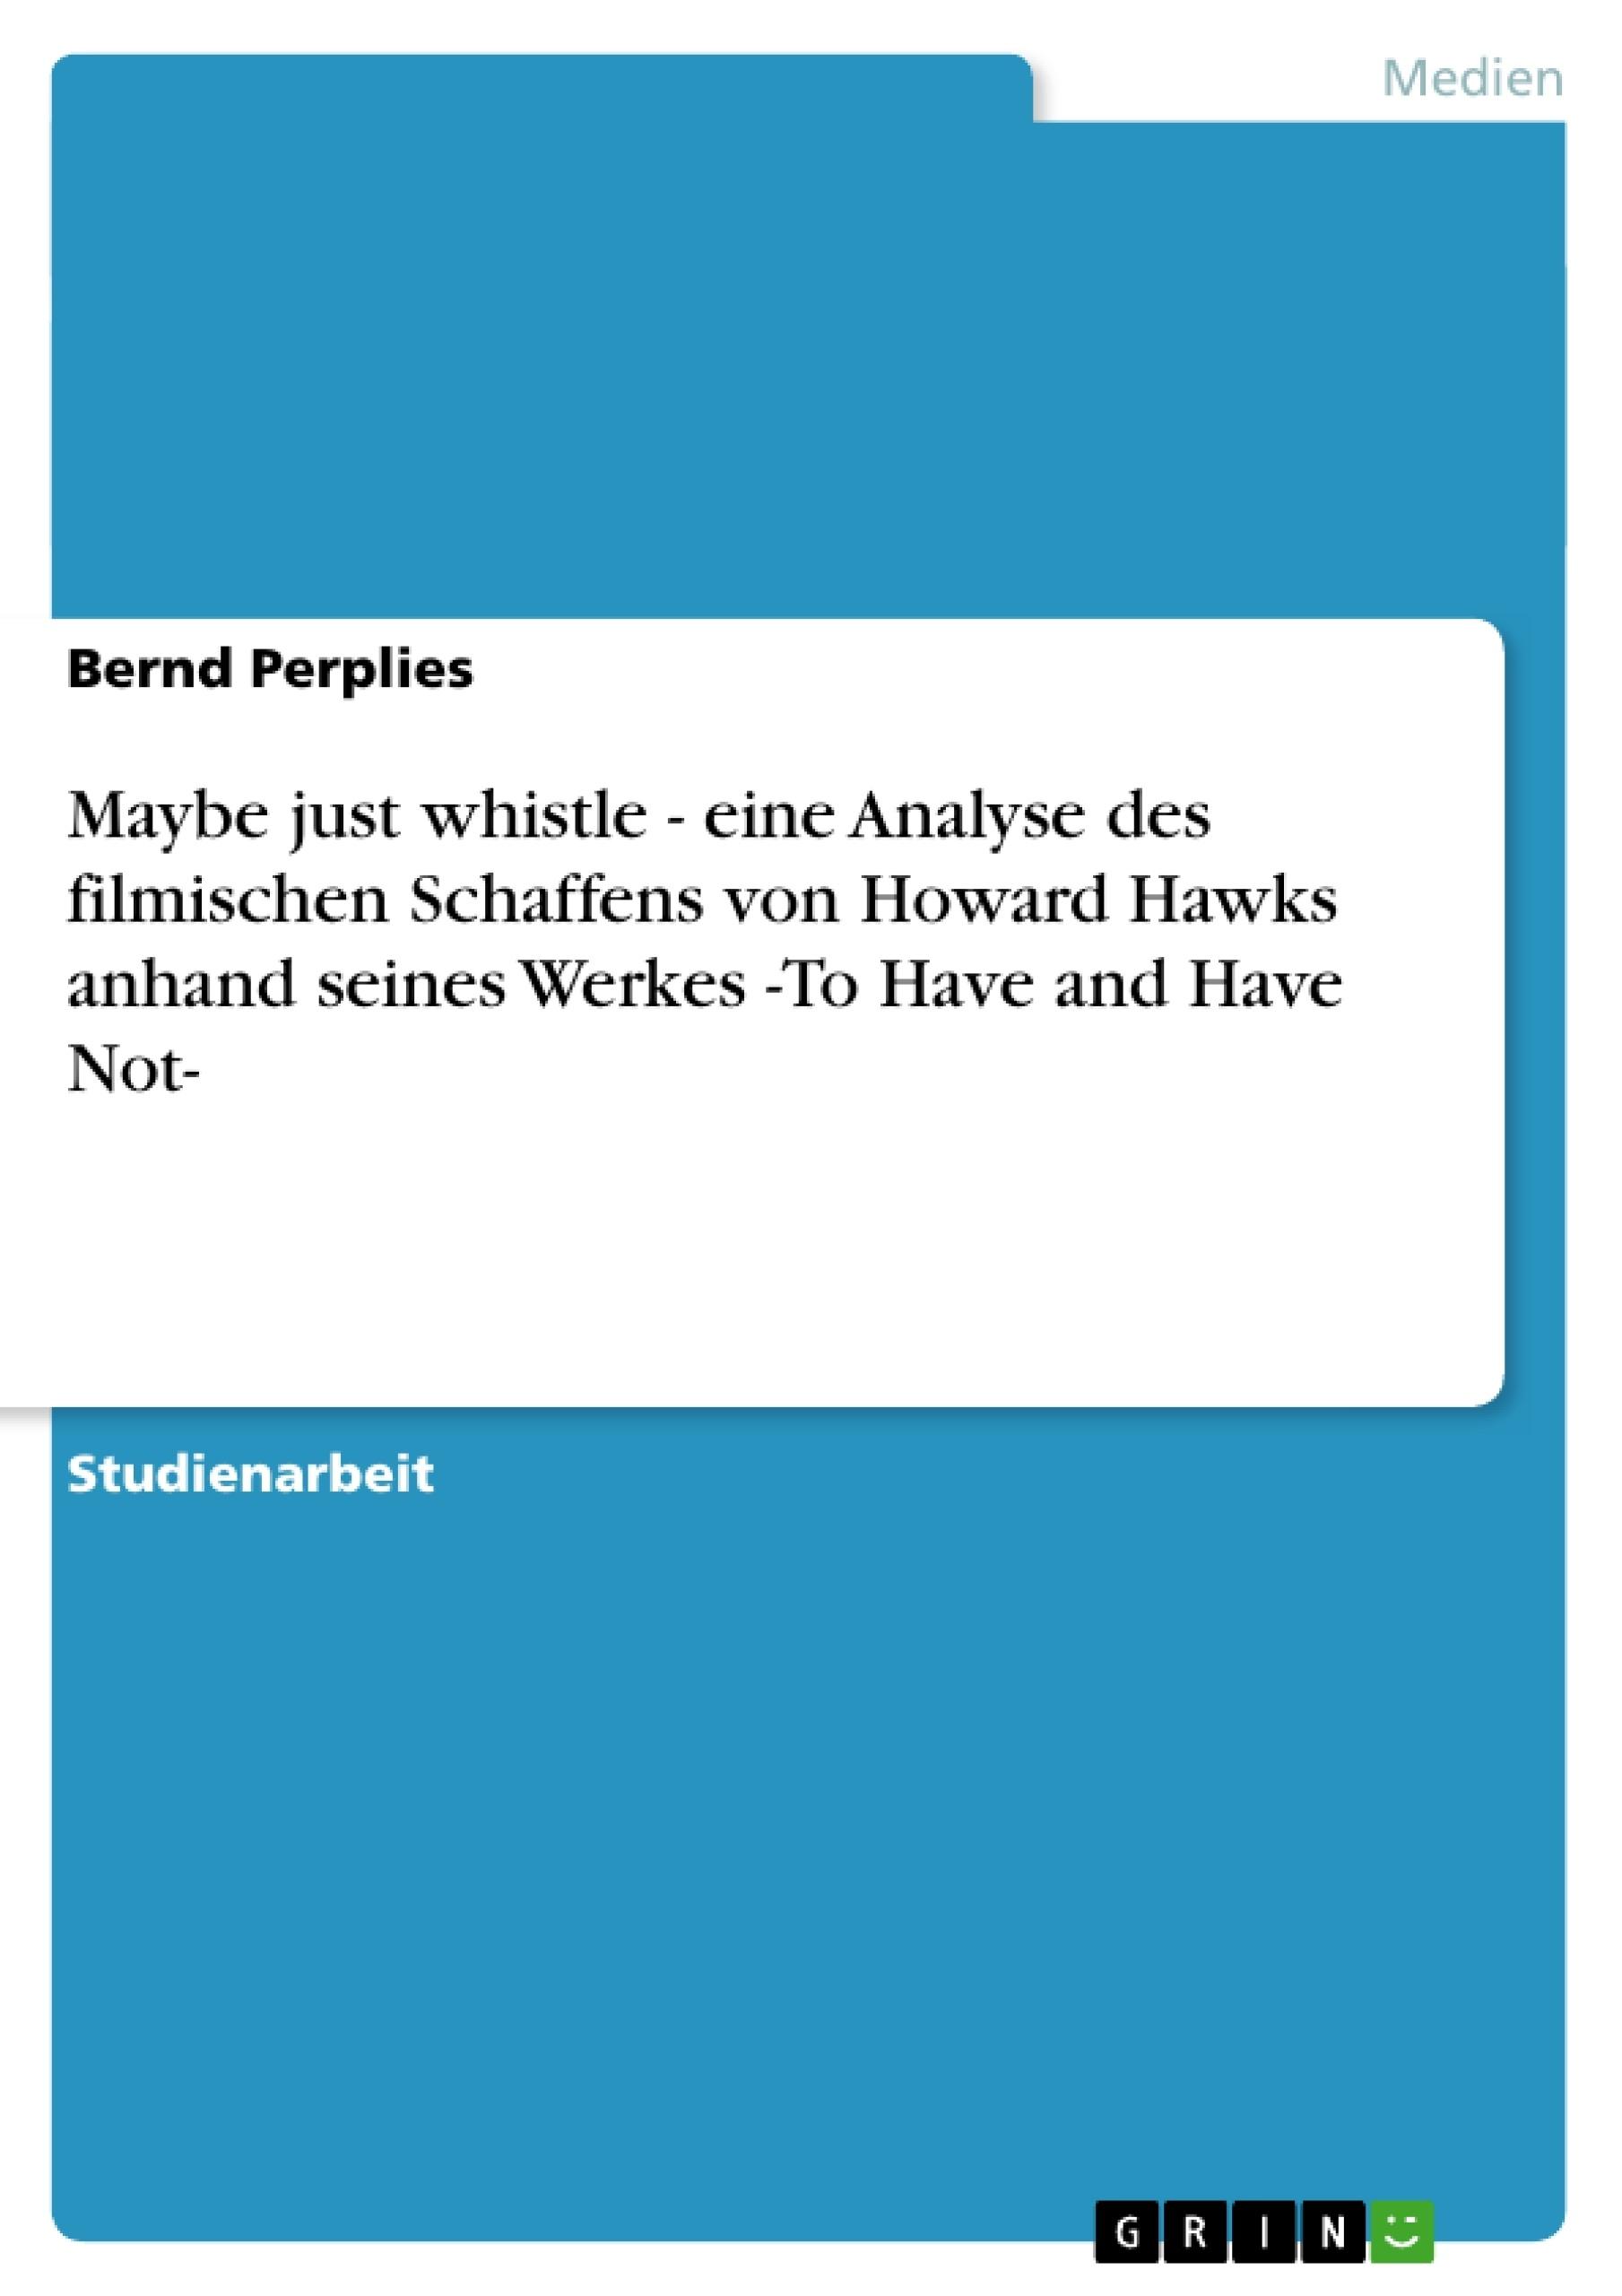 Titel: Maybe just whistle - eine Analyse des filmischen Schaffens von Howard Hawks anhand seines Werkes -To Have and Have Not-